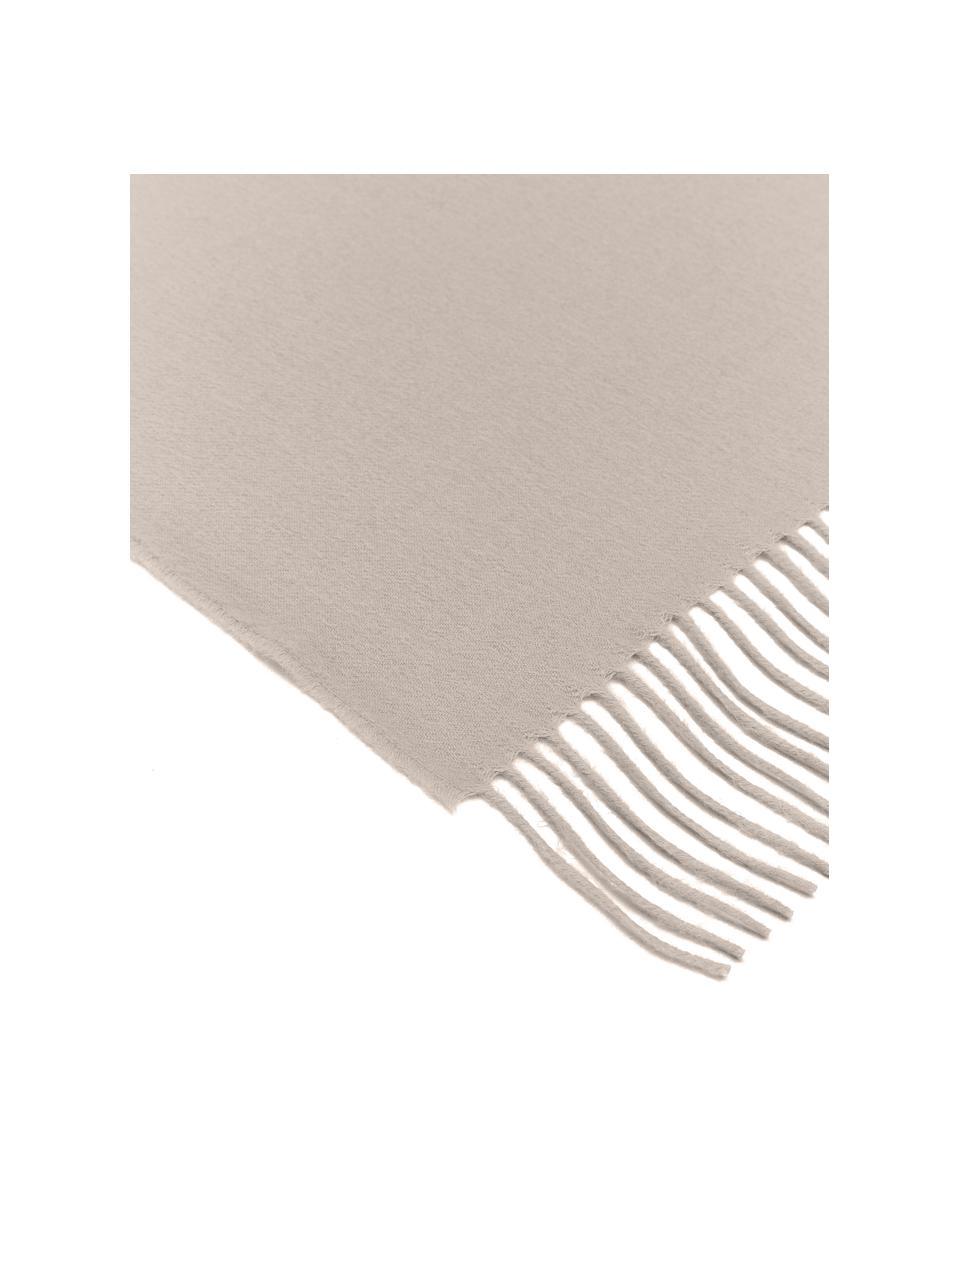 Lekki koc z wełny z młodych alpak Luxury, Beżowy, S 130 x D 200 cm